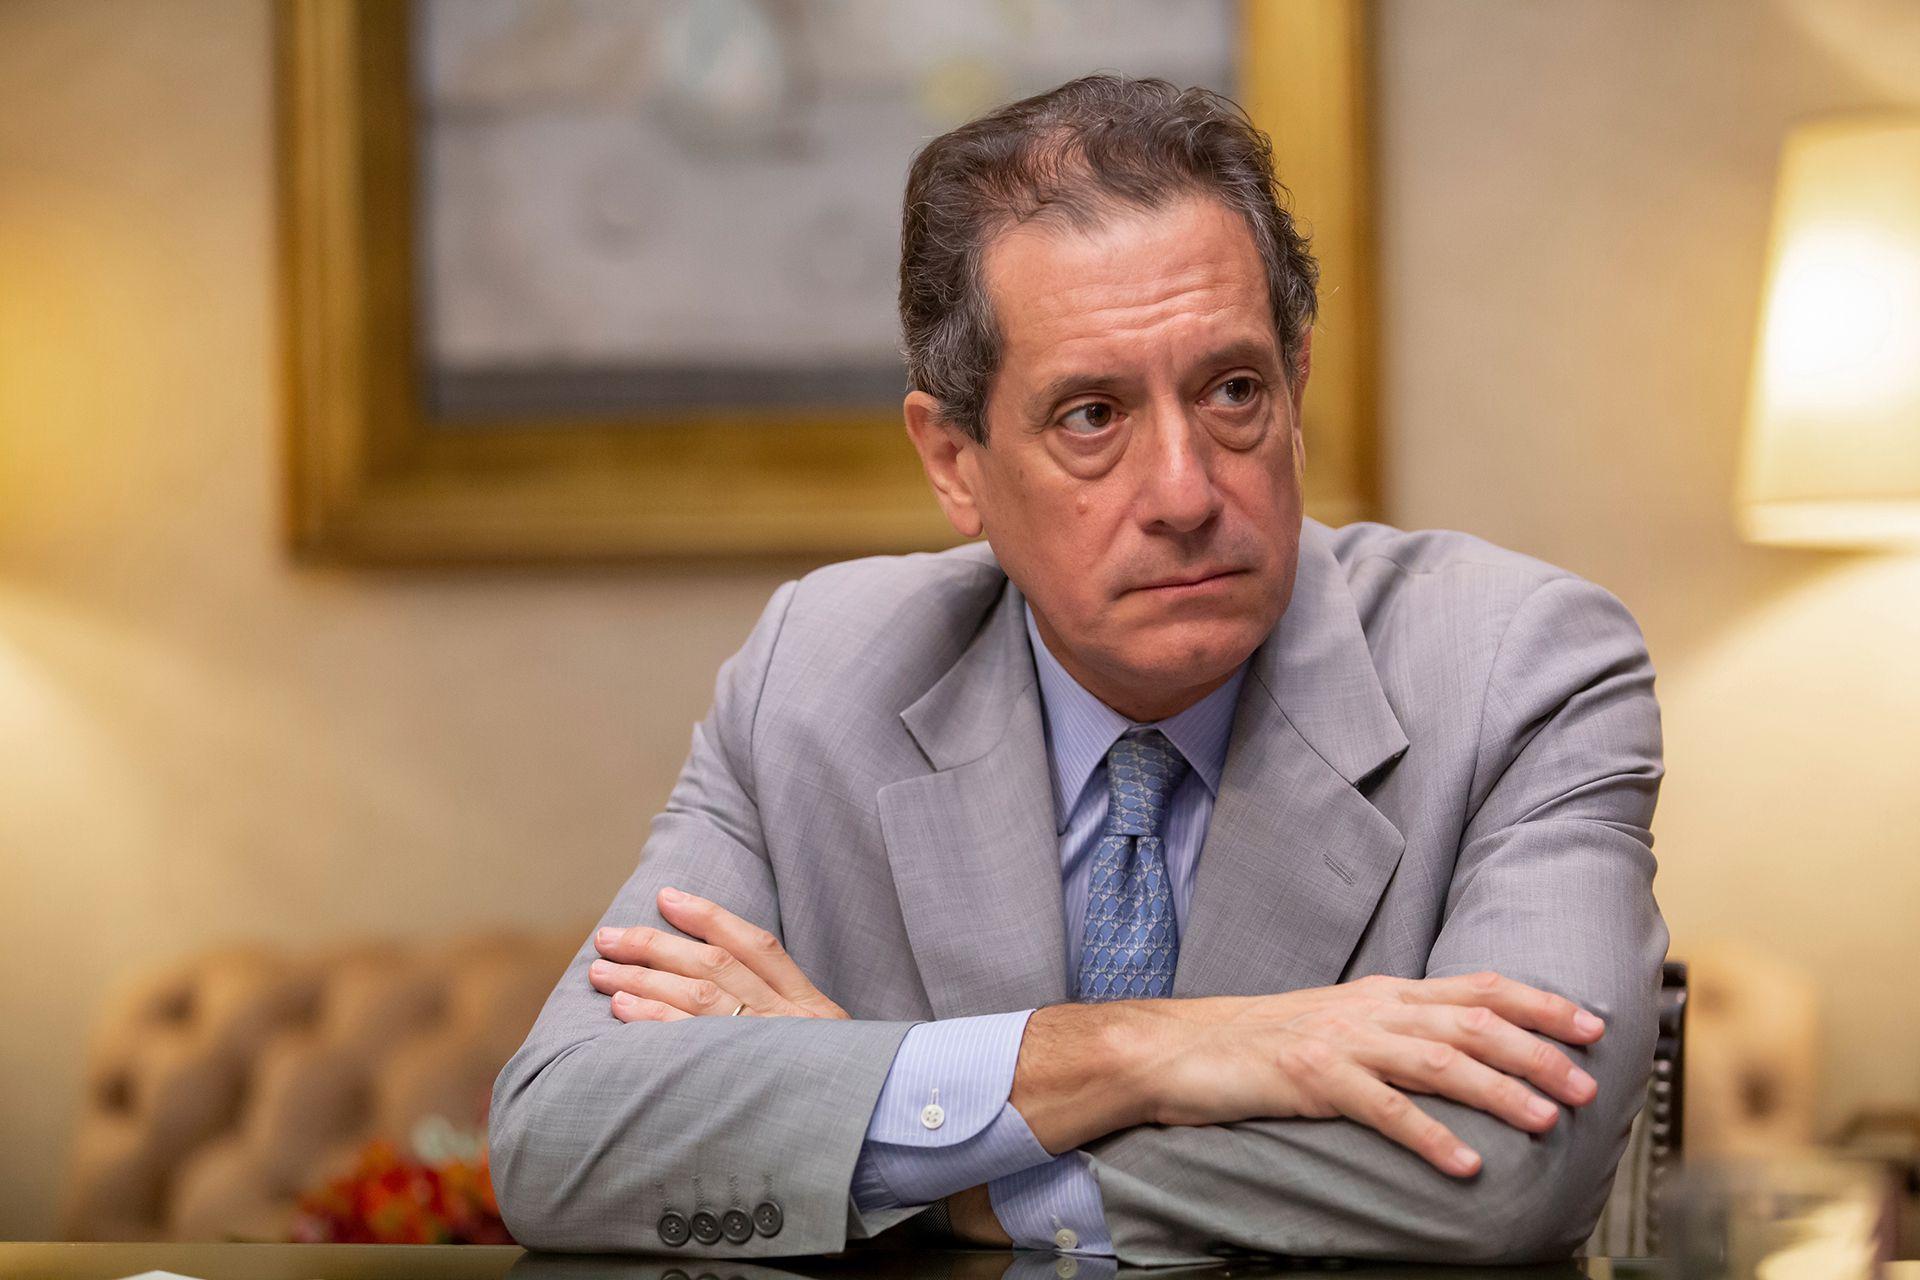 Miguel Pesce, presidente del Banco Central, conduce subas diarias del dólar que no pueden seguir el ritmo de avance del real sin acelerar la inflación